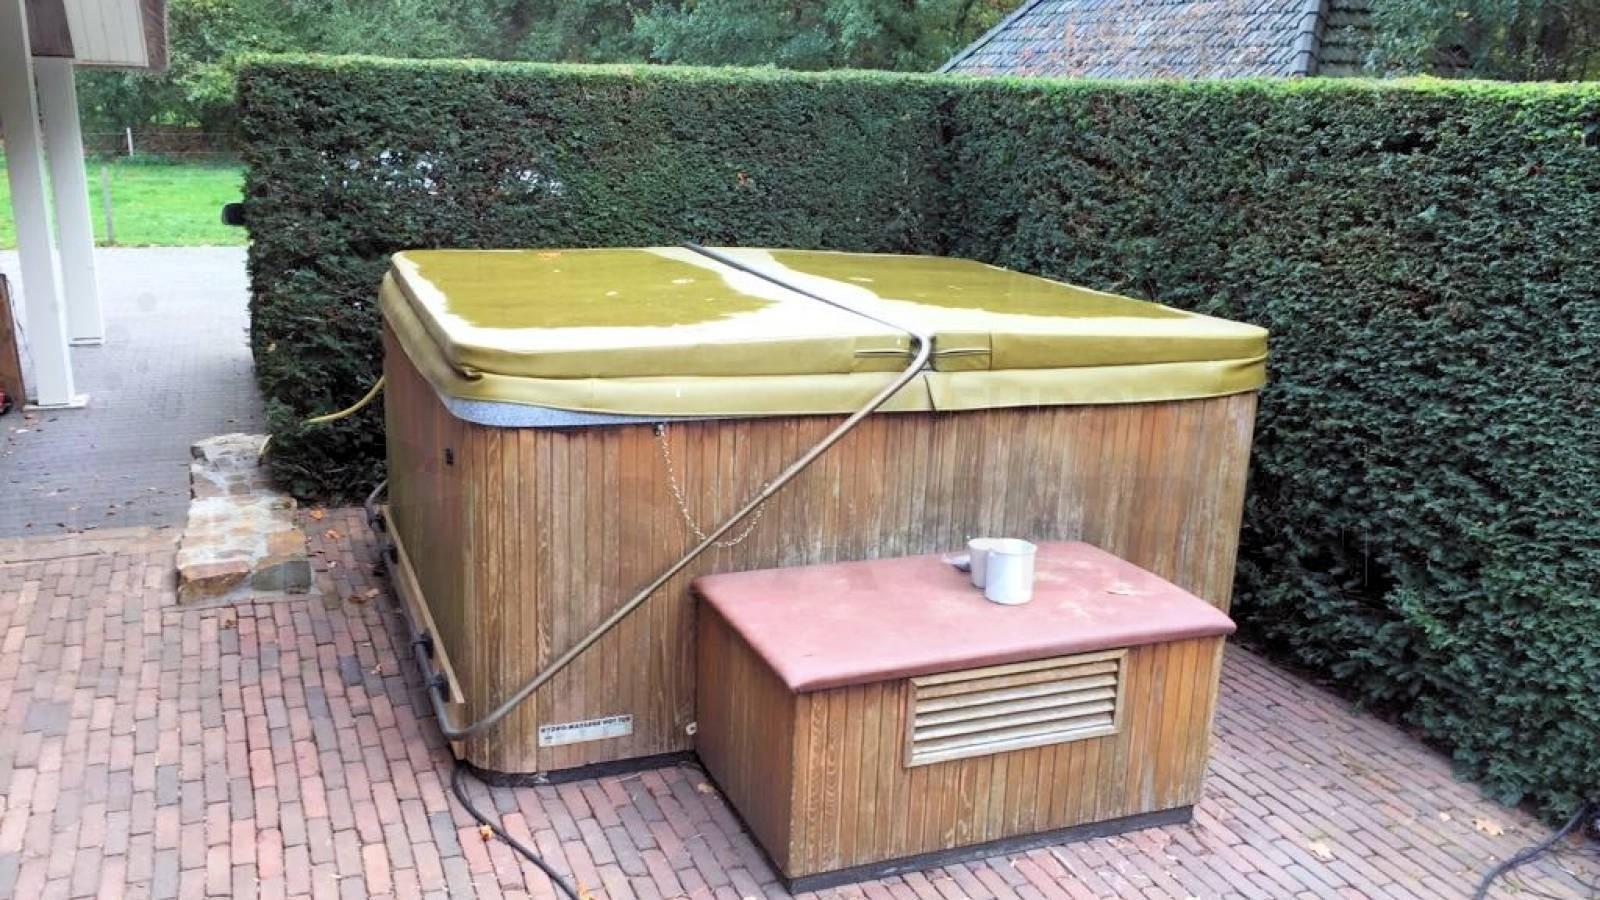 Lekkage verholpen aan een Beachcomber spa in Otterlo